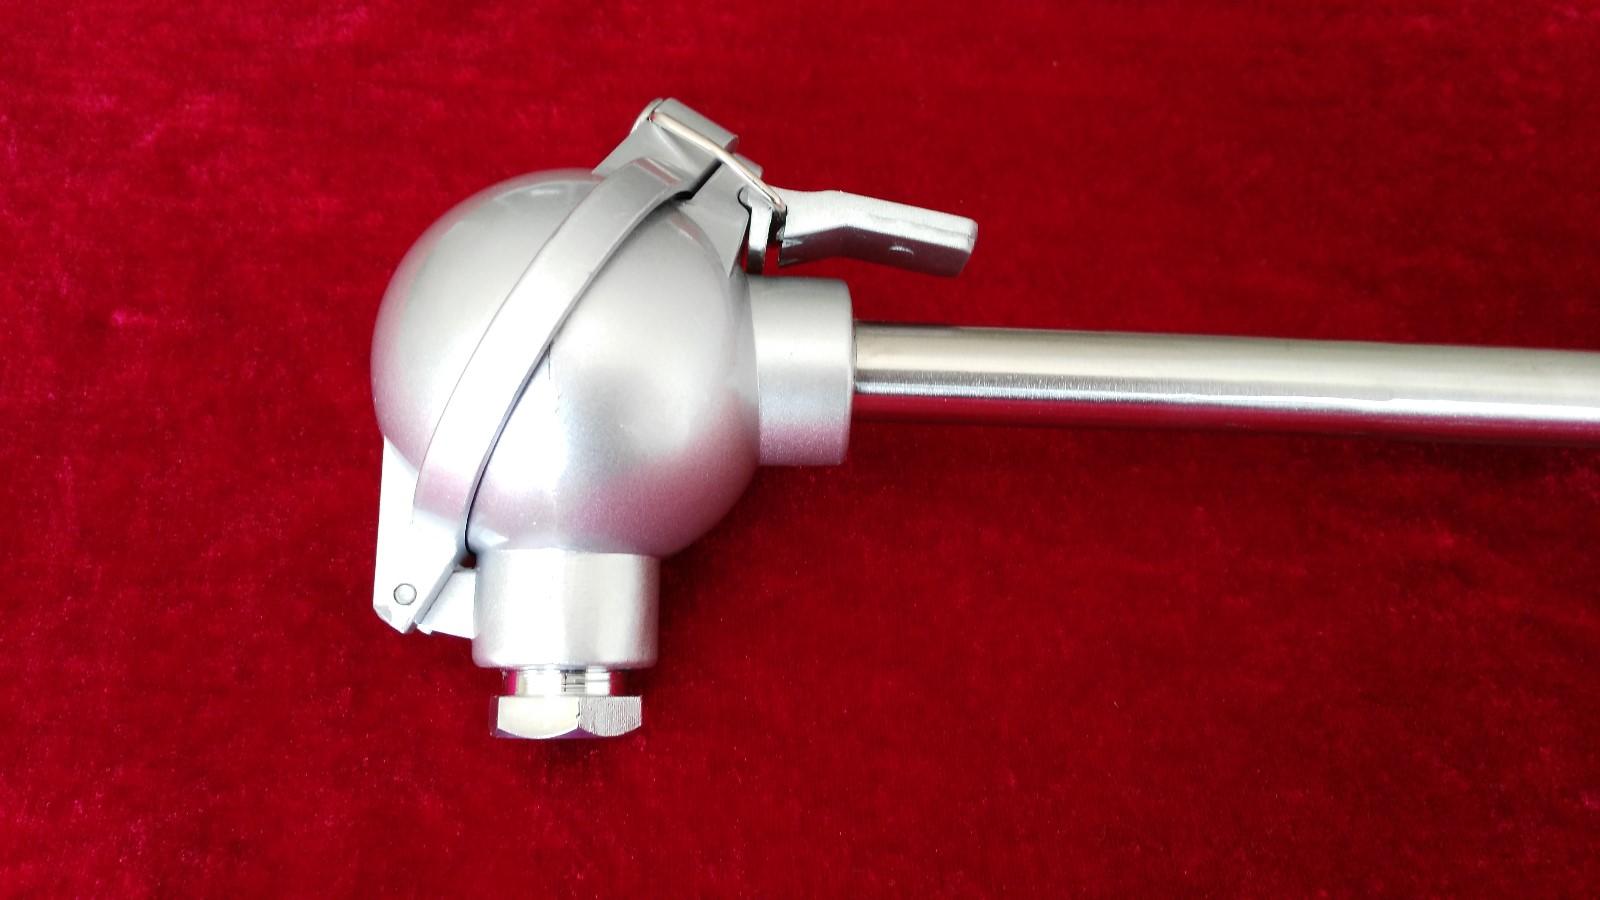 装配式热电阻|热电偶、热电阻-天津市恒河仪表有限公司